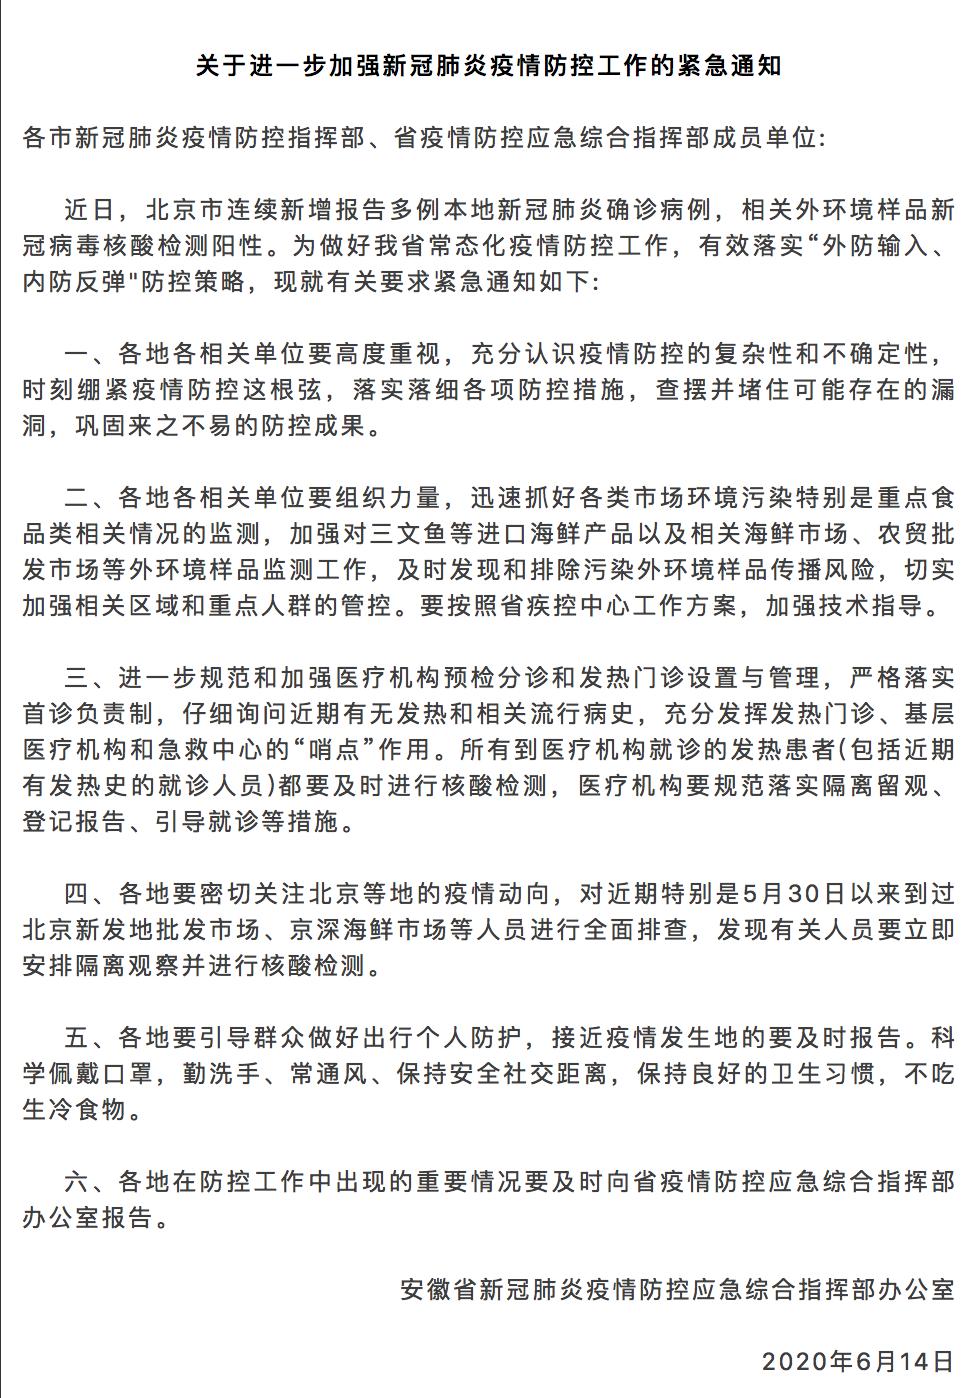 「摩天官网」期到过北京新发地市场摩天官网图片